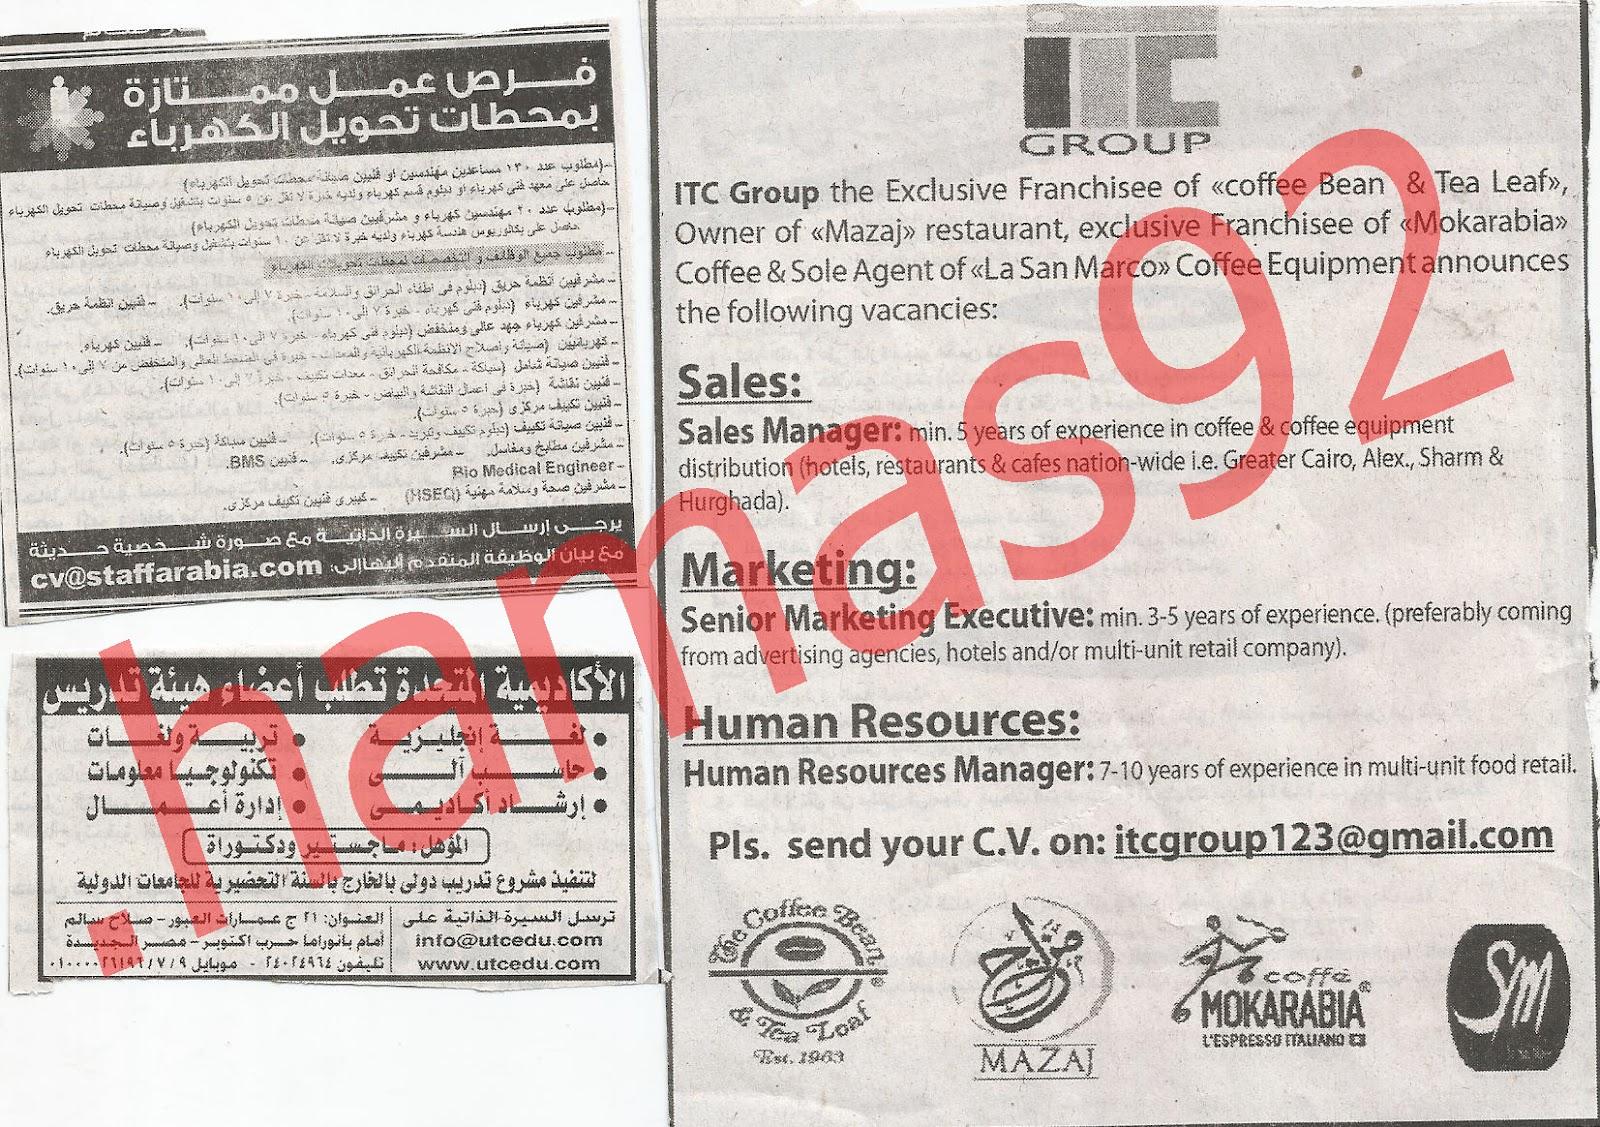 وظائف جريدة الاهرام الجمعة 20/7/2012 - الاعلانات كاملة 13